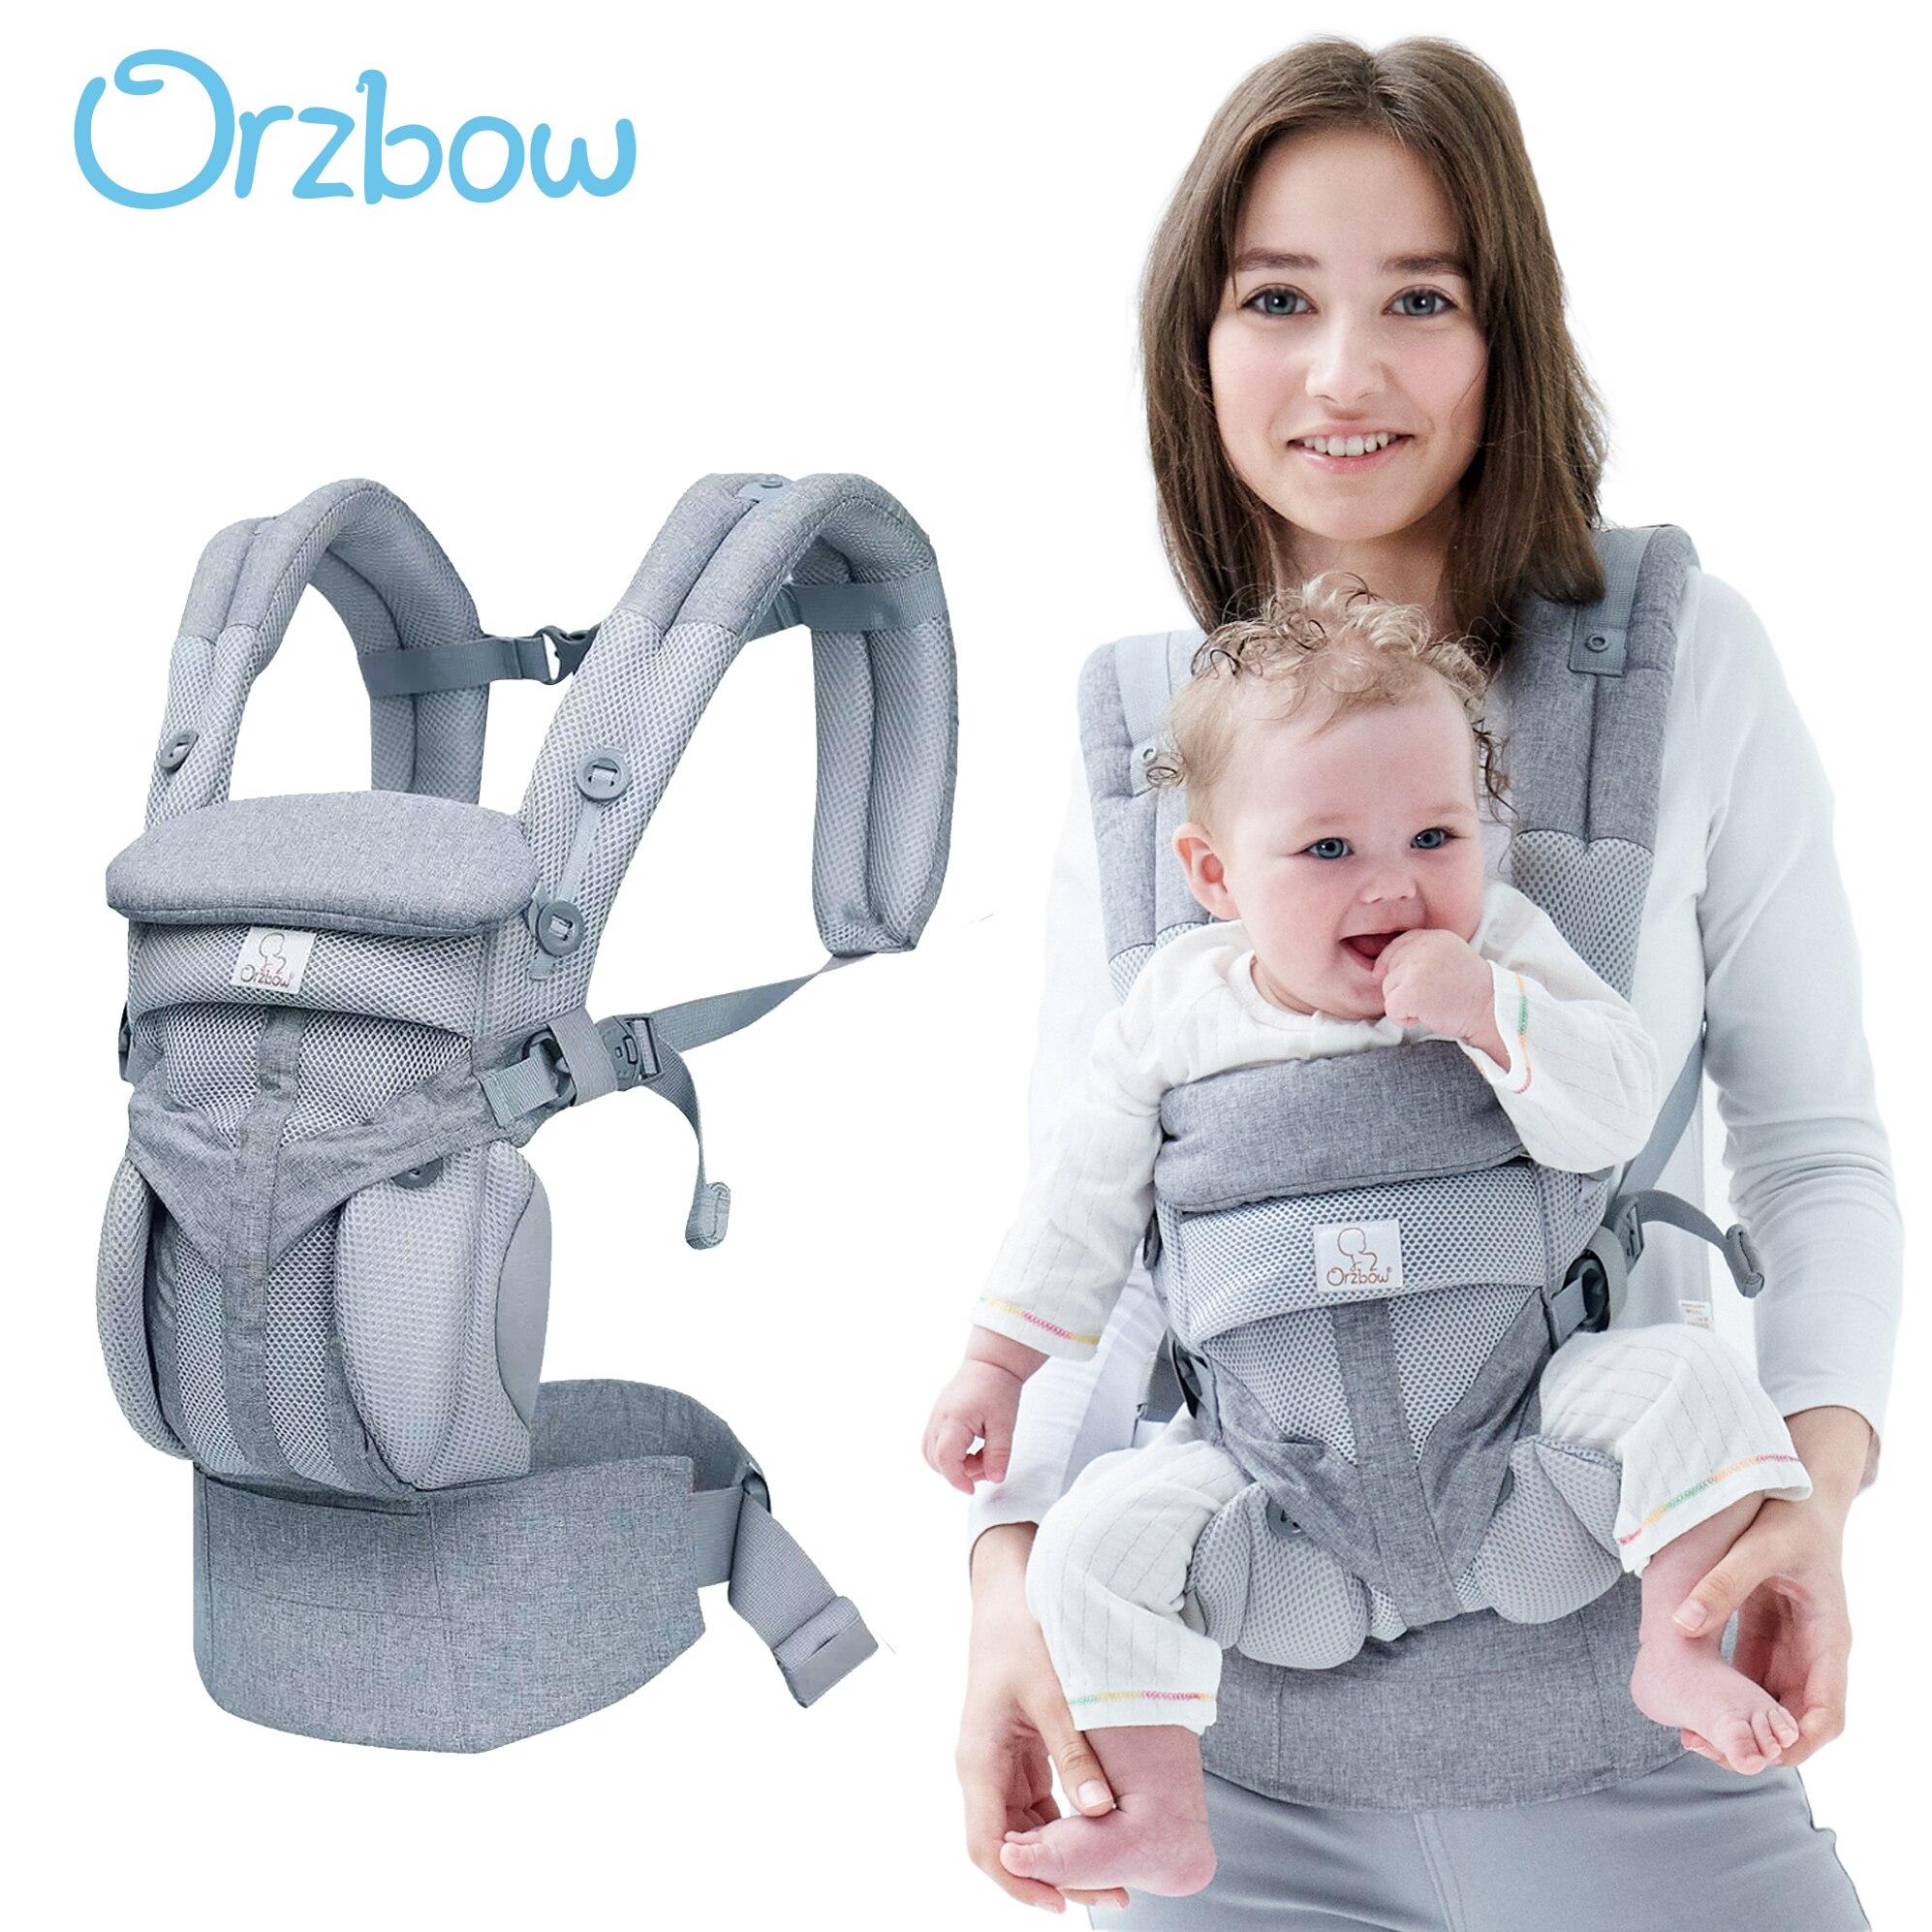 Orzbow Baby Carrier Sling For Newborns Ergonomic Baby Kangaroo Backpack & Front Infant Carrier Wrap Hipseat Holder Children Kids